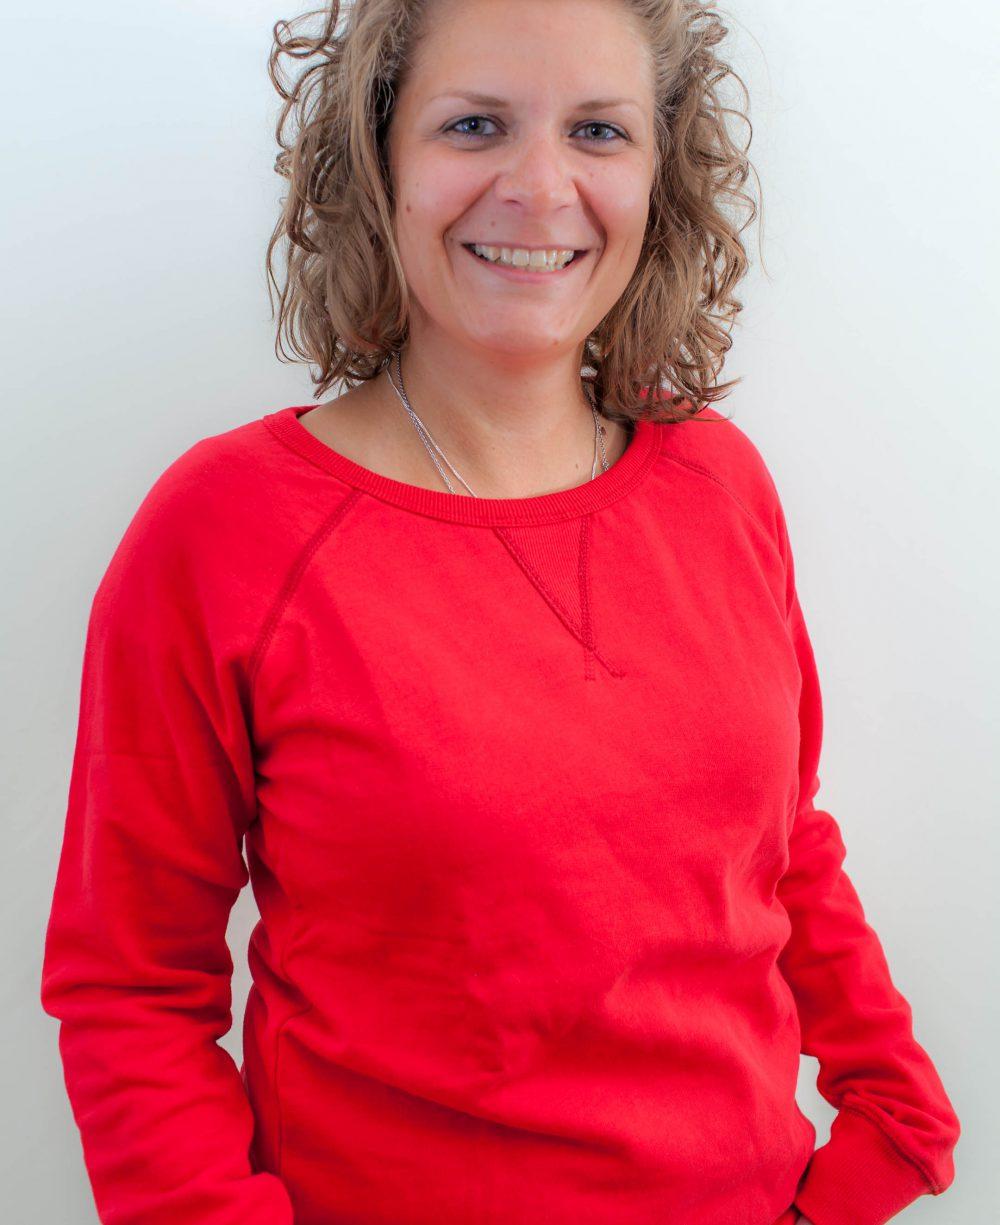 rot-damen-pullover-für-dialysepatienten-mit-individuellem-reißverschluss-diazipp